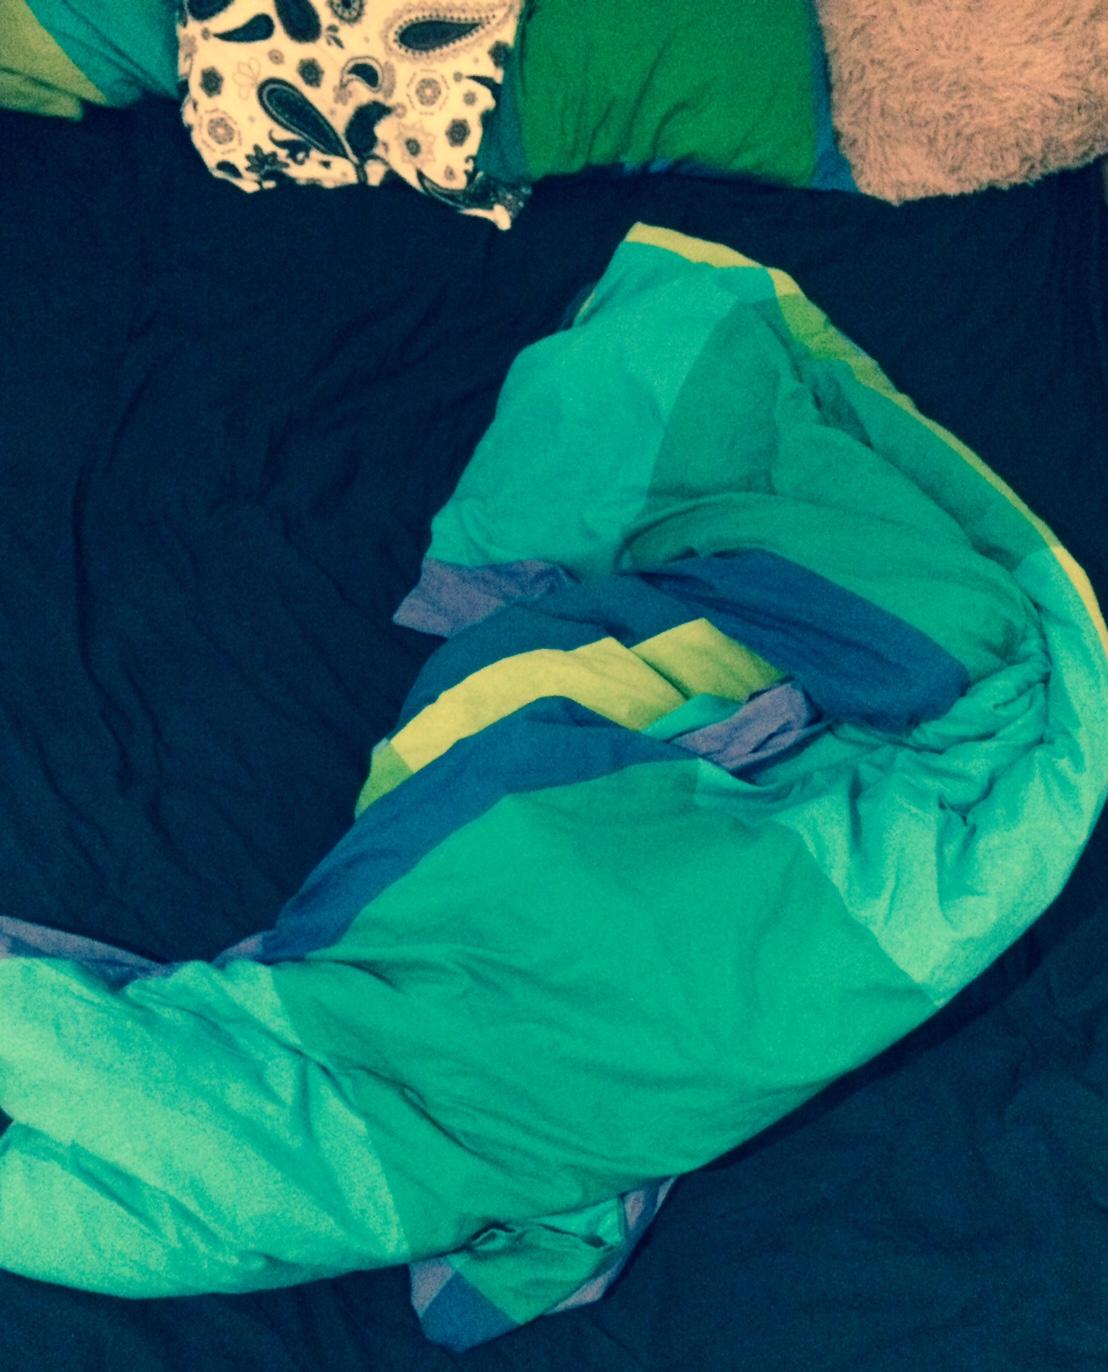 Misterul păturii care stă numai pe iubita ta. Posibile explicații.